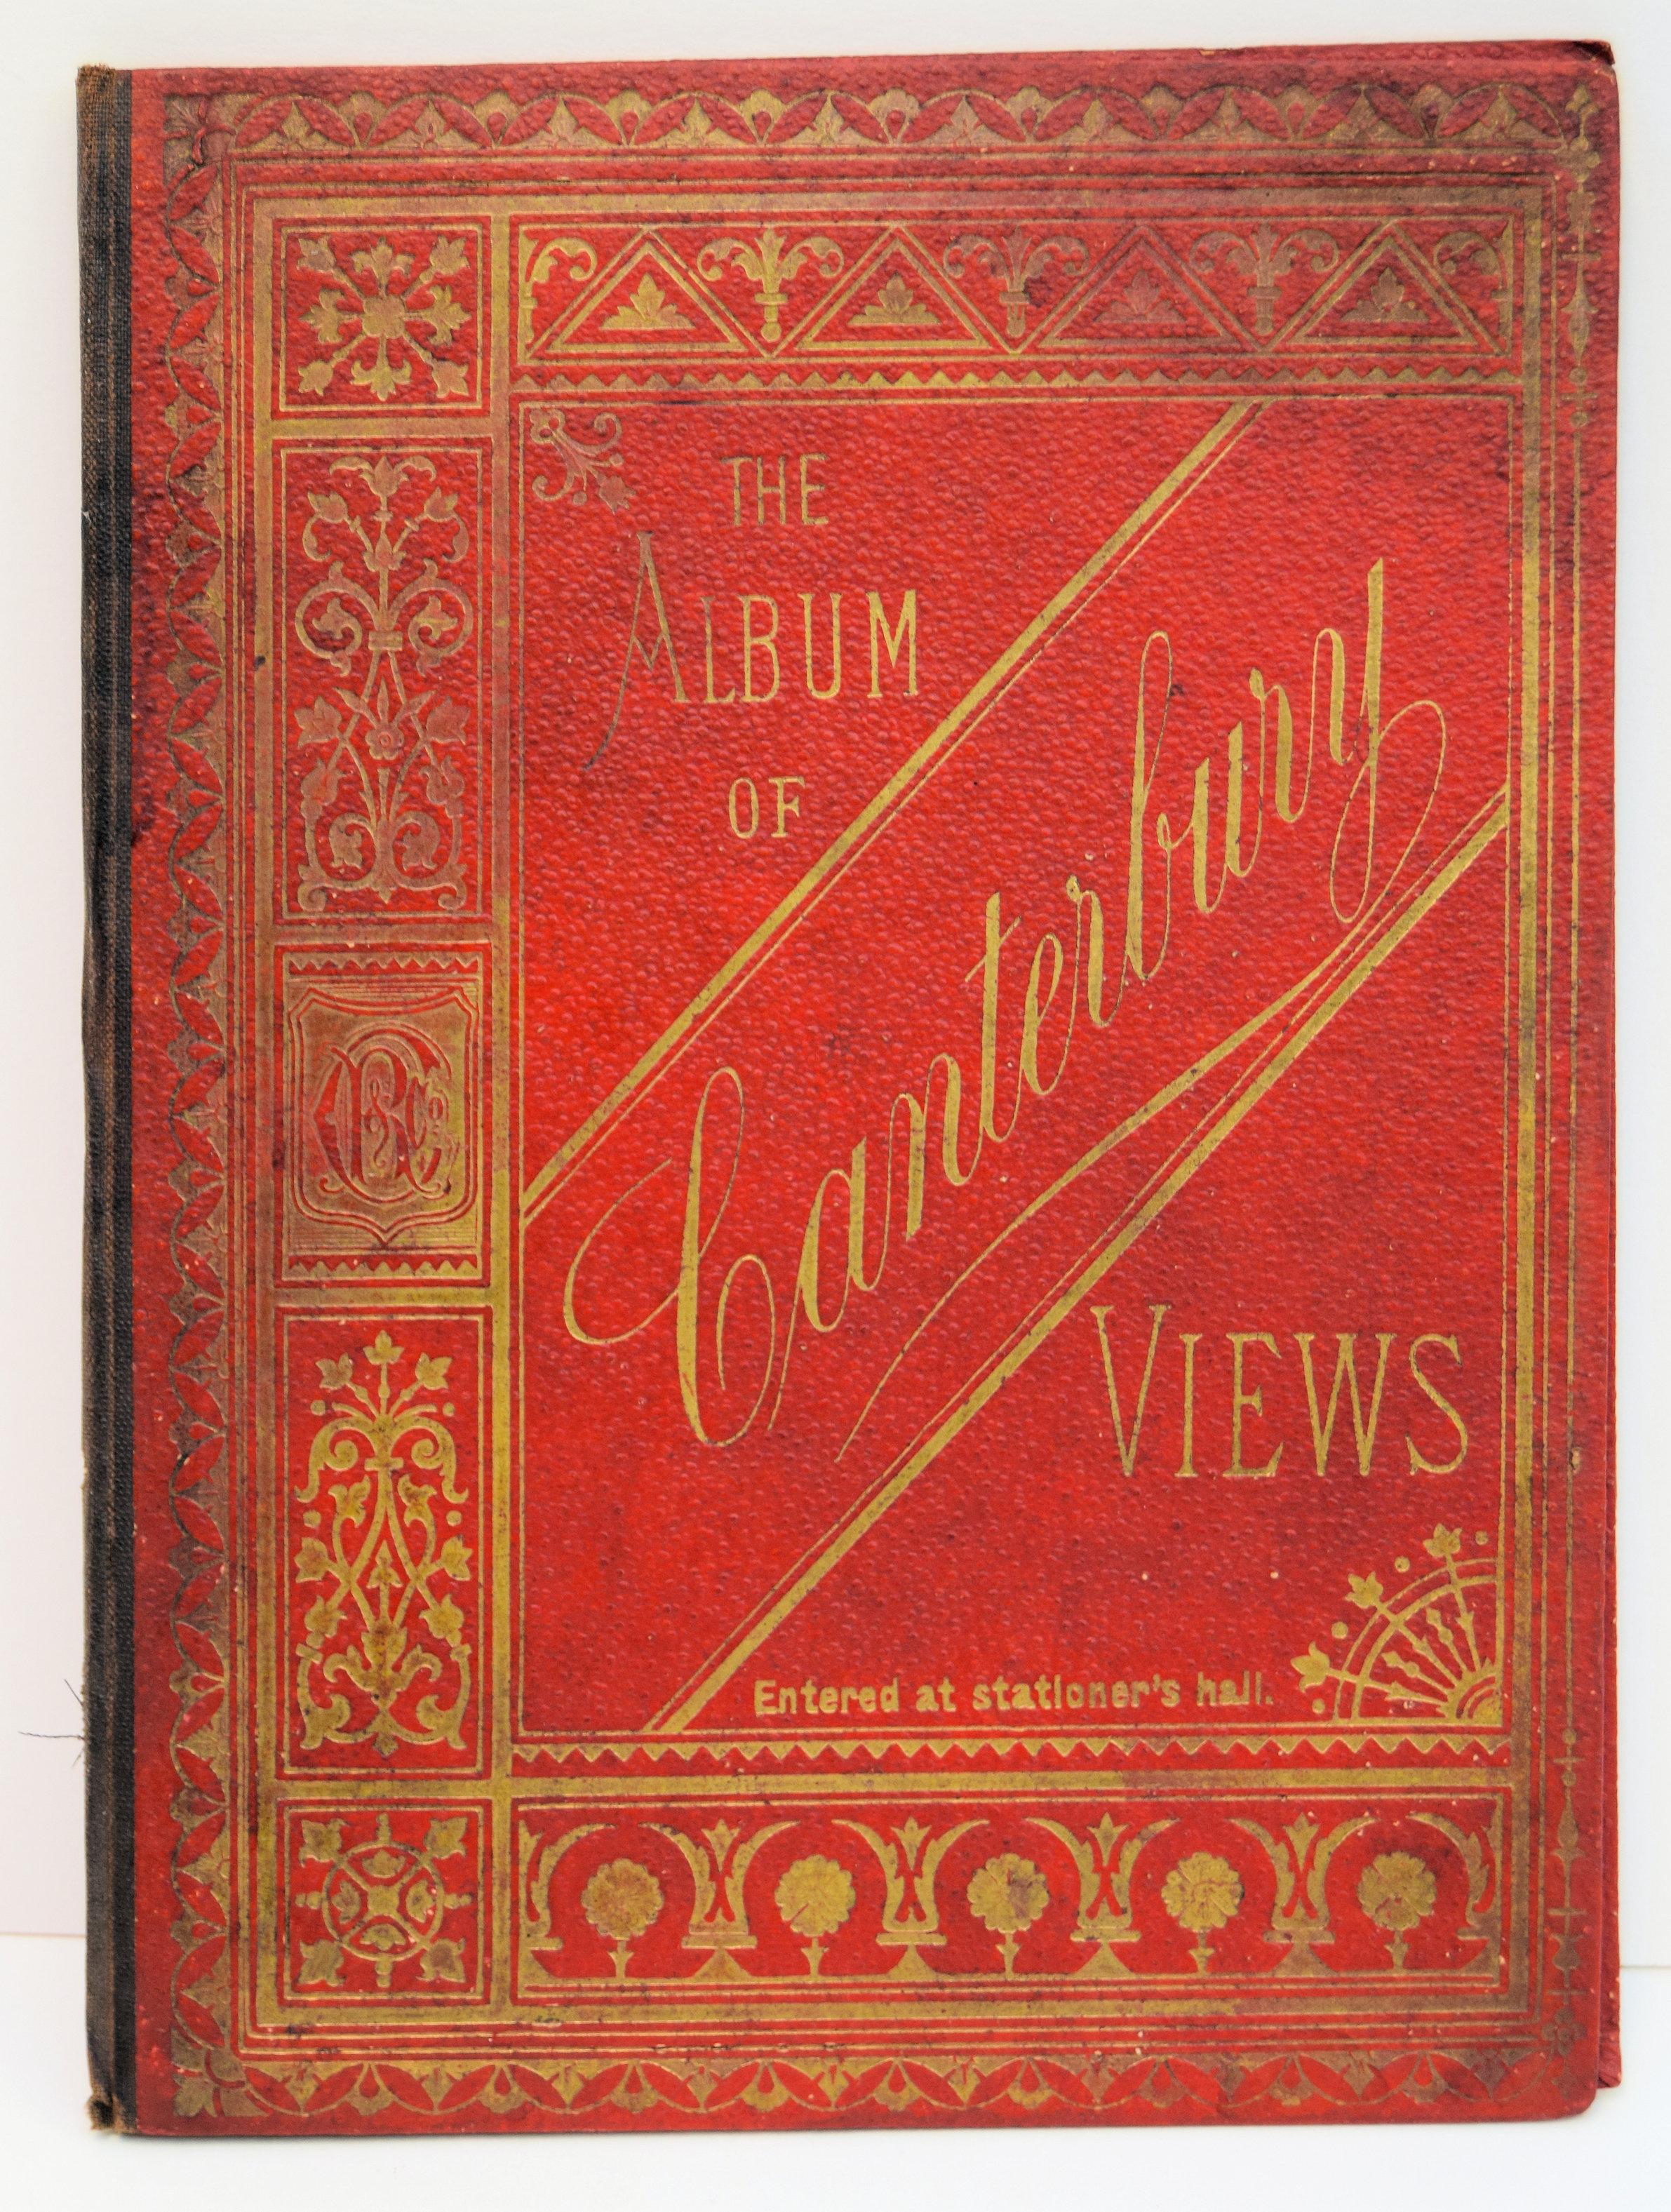 THE ALBUM OF CANTERBURY VIEWS.: CANTERBURY. CHARLES, REYNOLDS